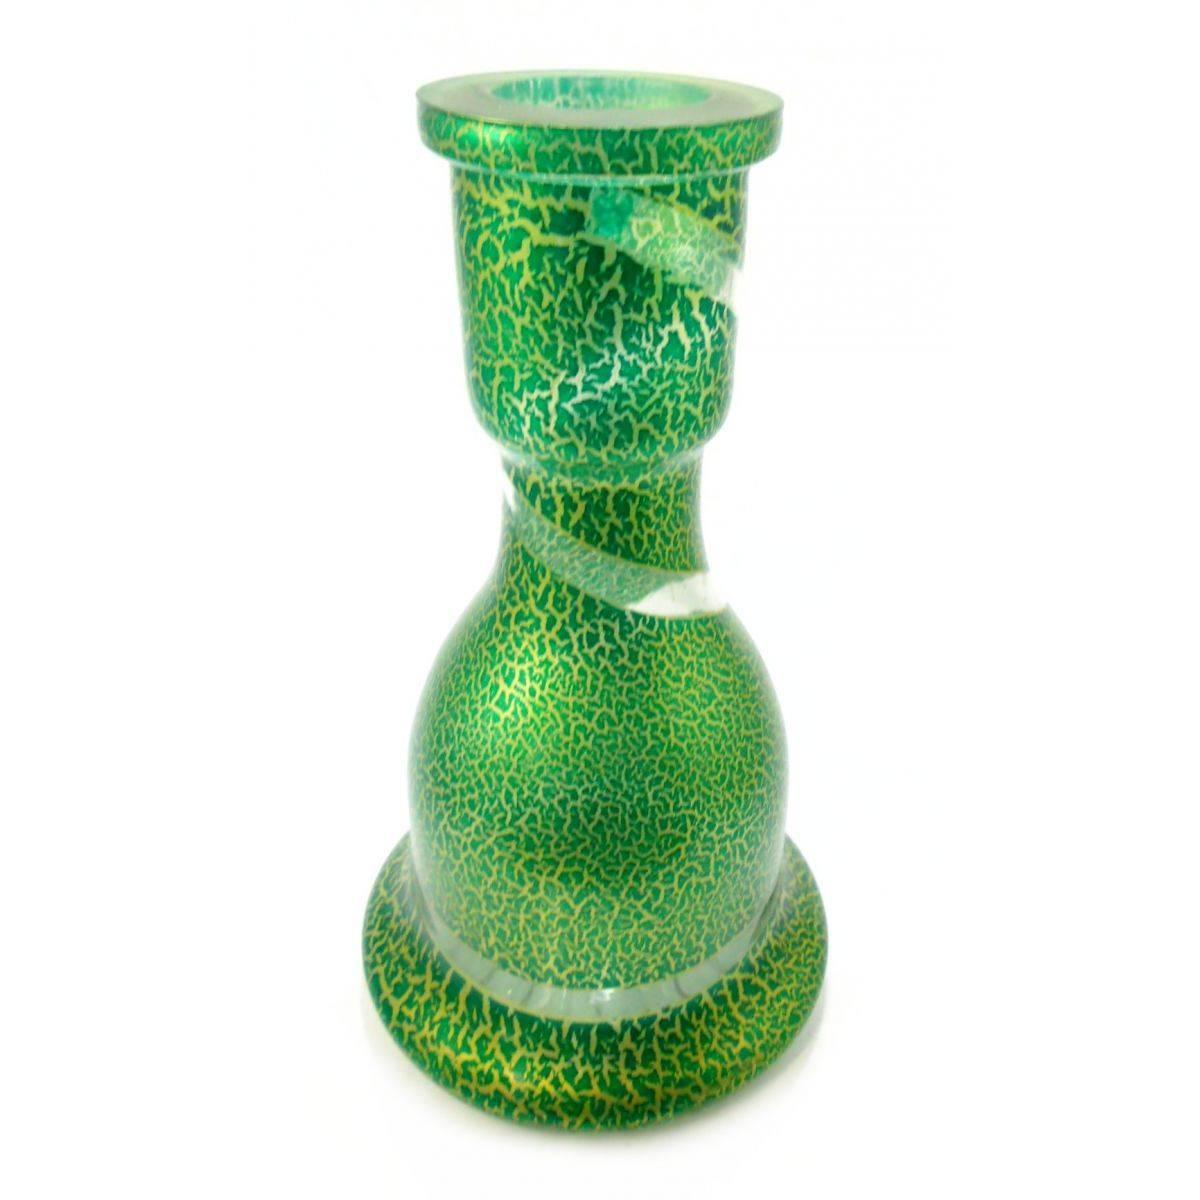 Vaso/base para narguile formato Sino grande 27cm. Em vidro com pintura artesanal craquelado verde.